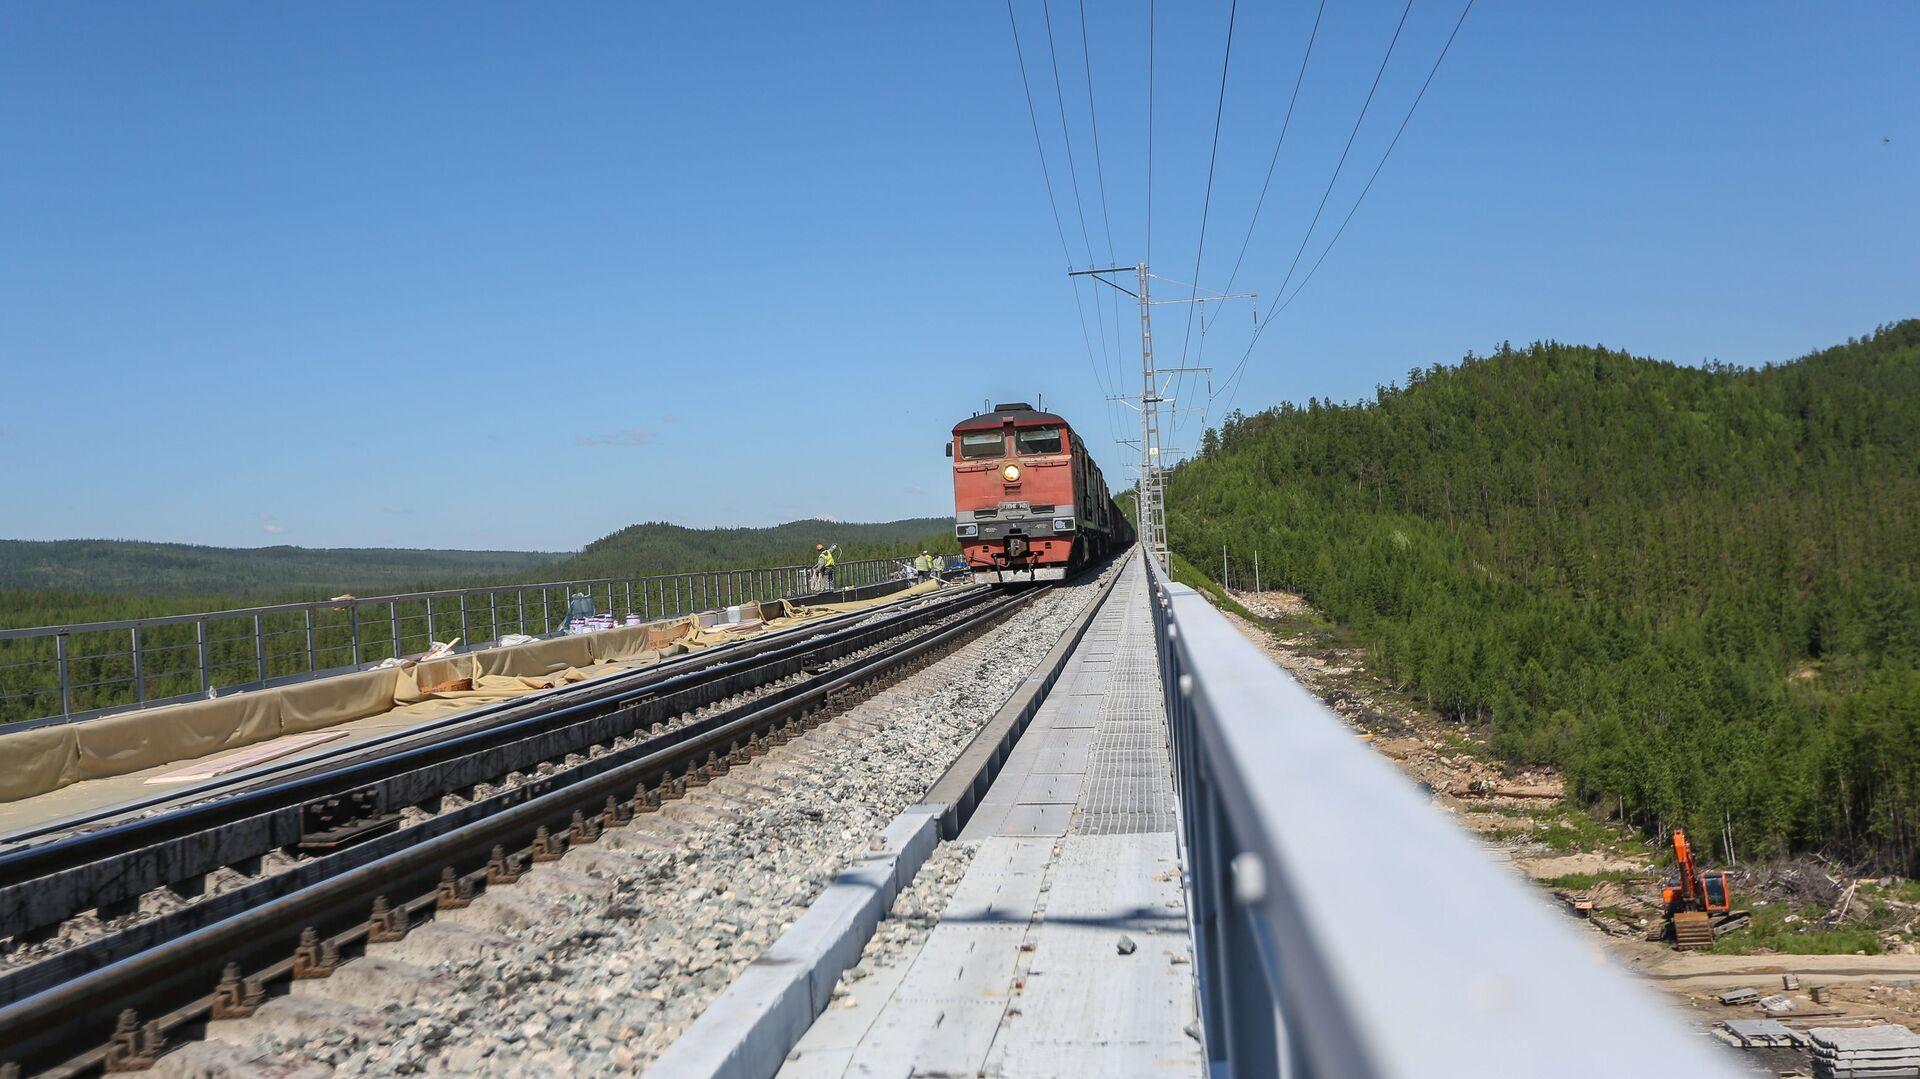 Строительство и реконструкция моста через реку Кованта в Амурской области - Sputnik Azərbaycan, 1920, 12.08.2021